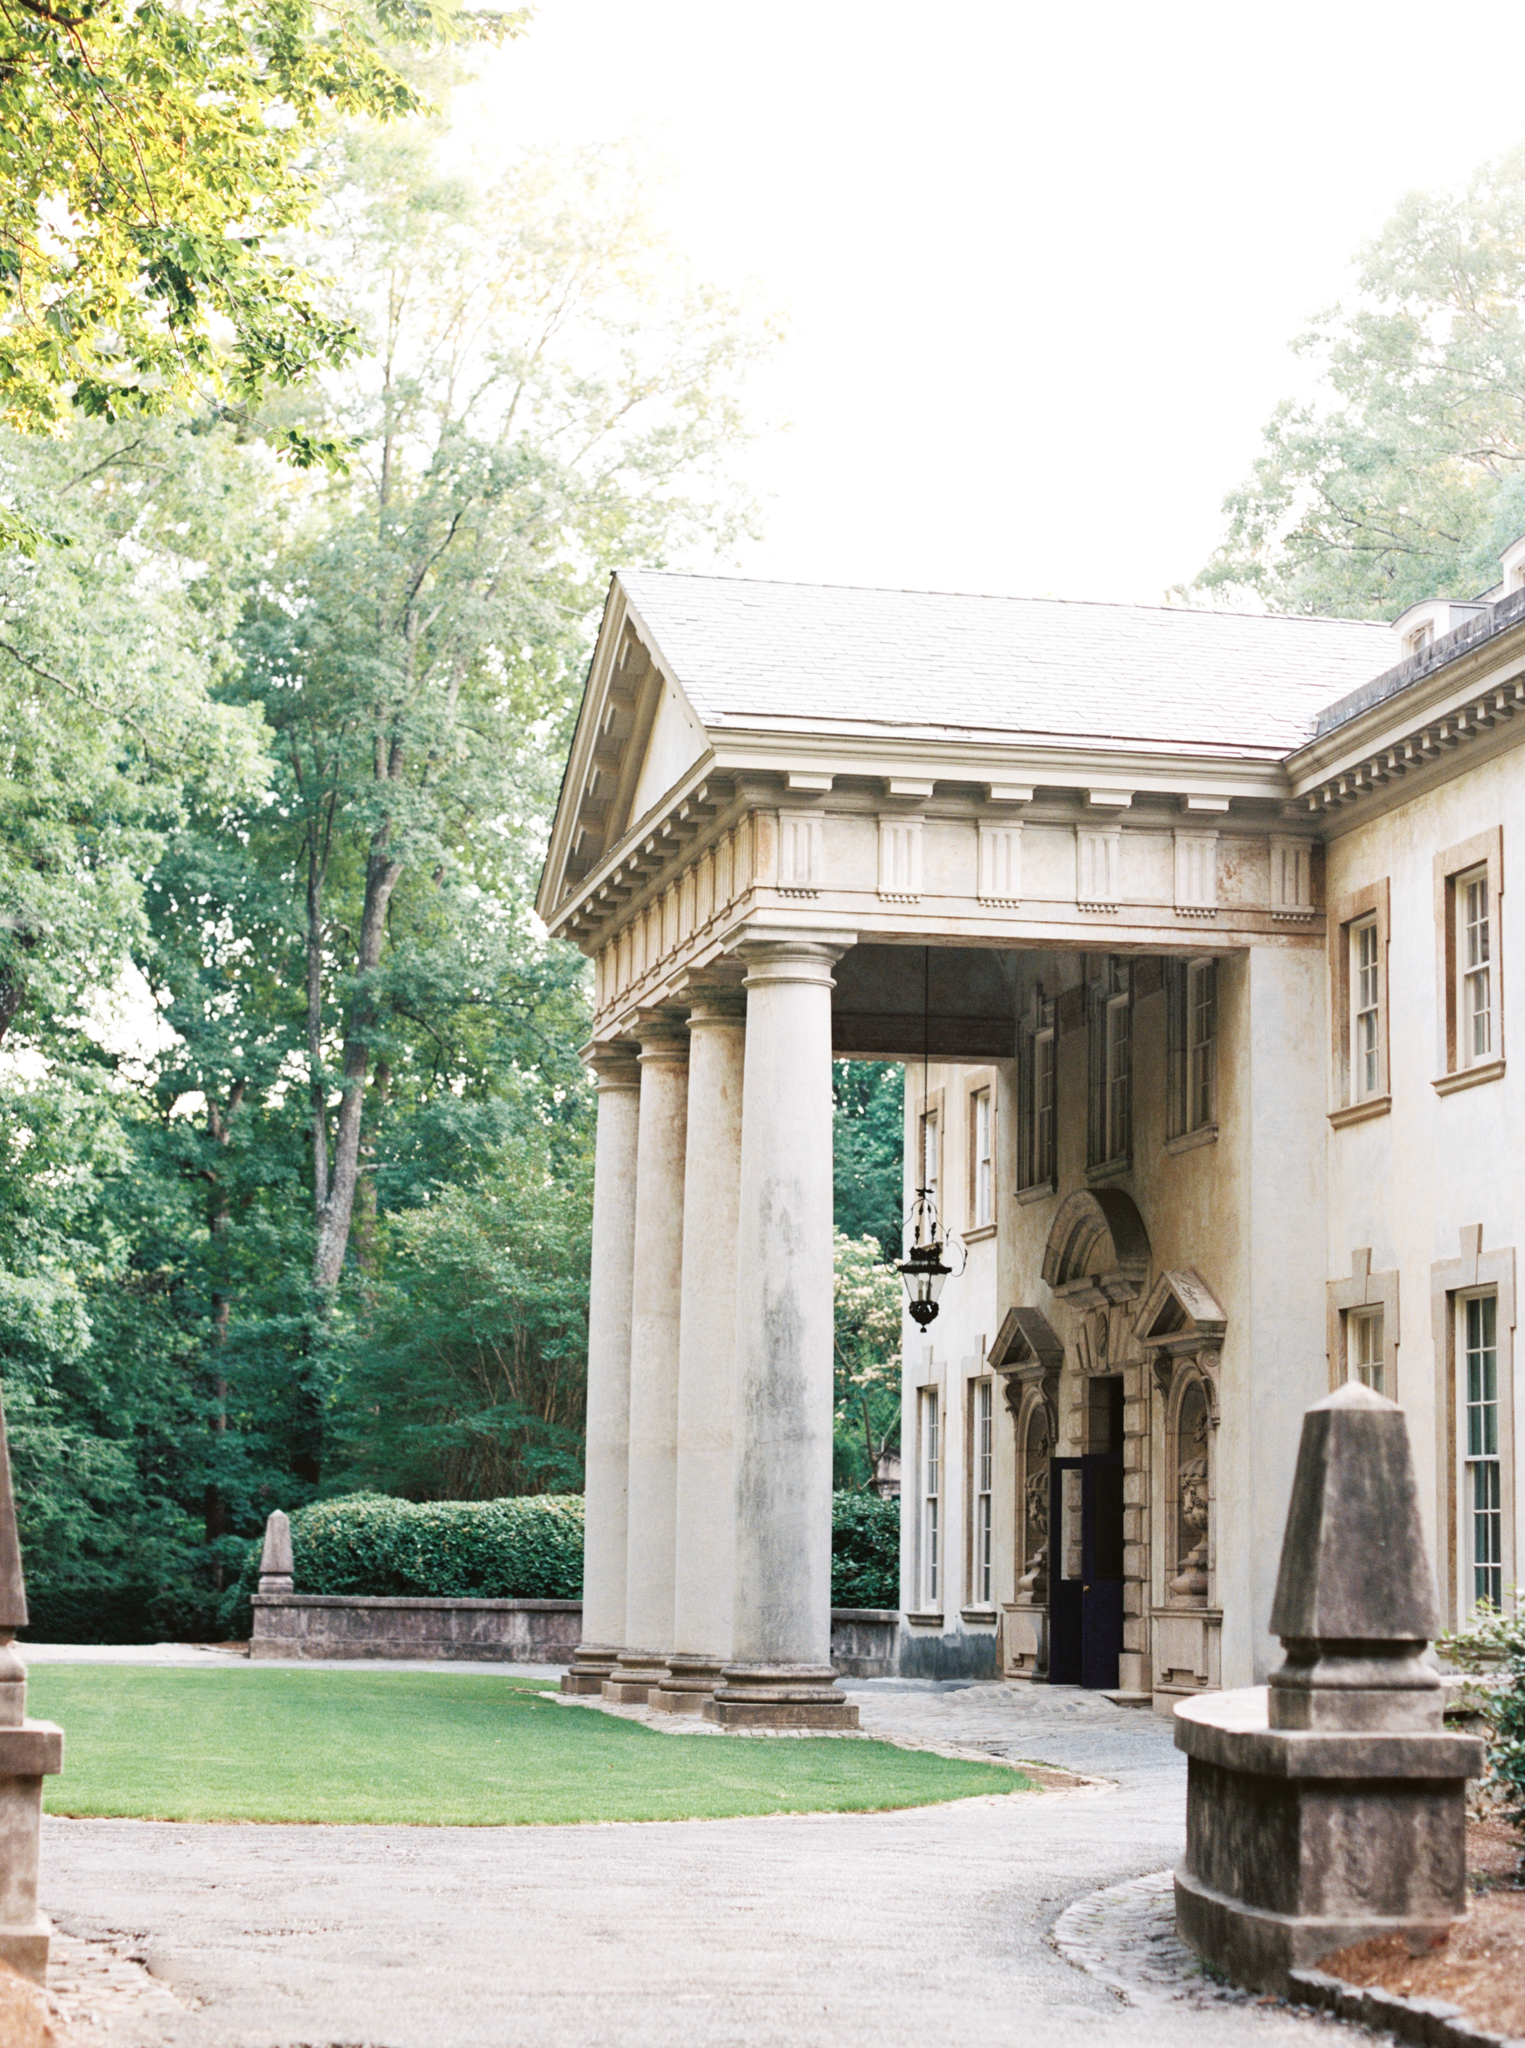 Swan House Atlanta History center